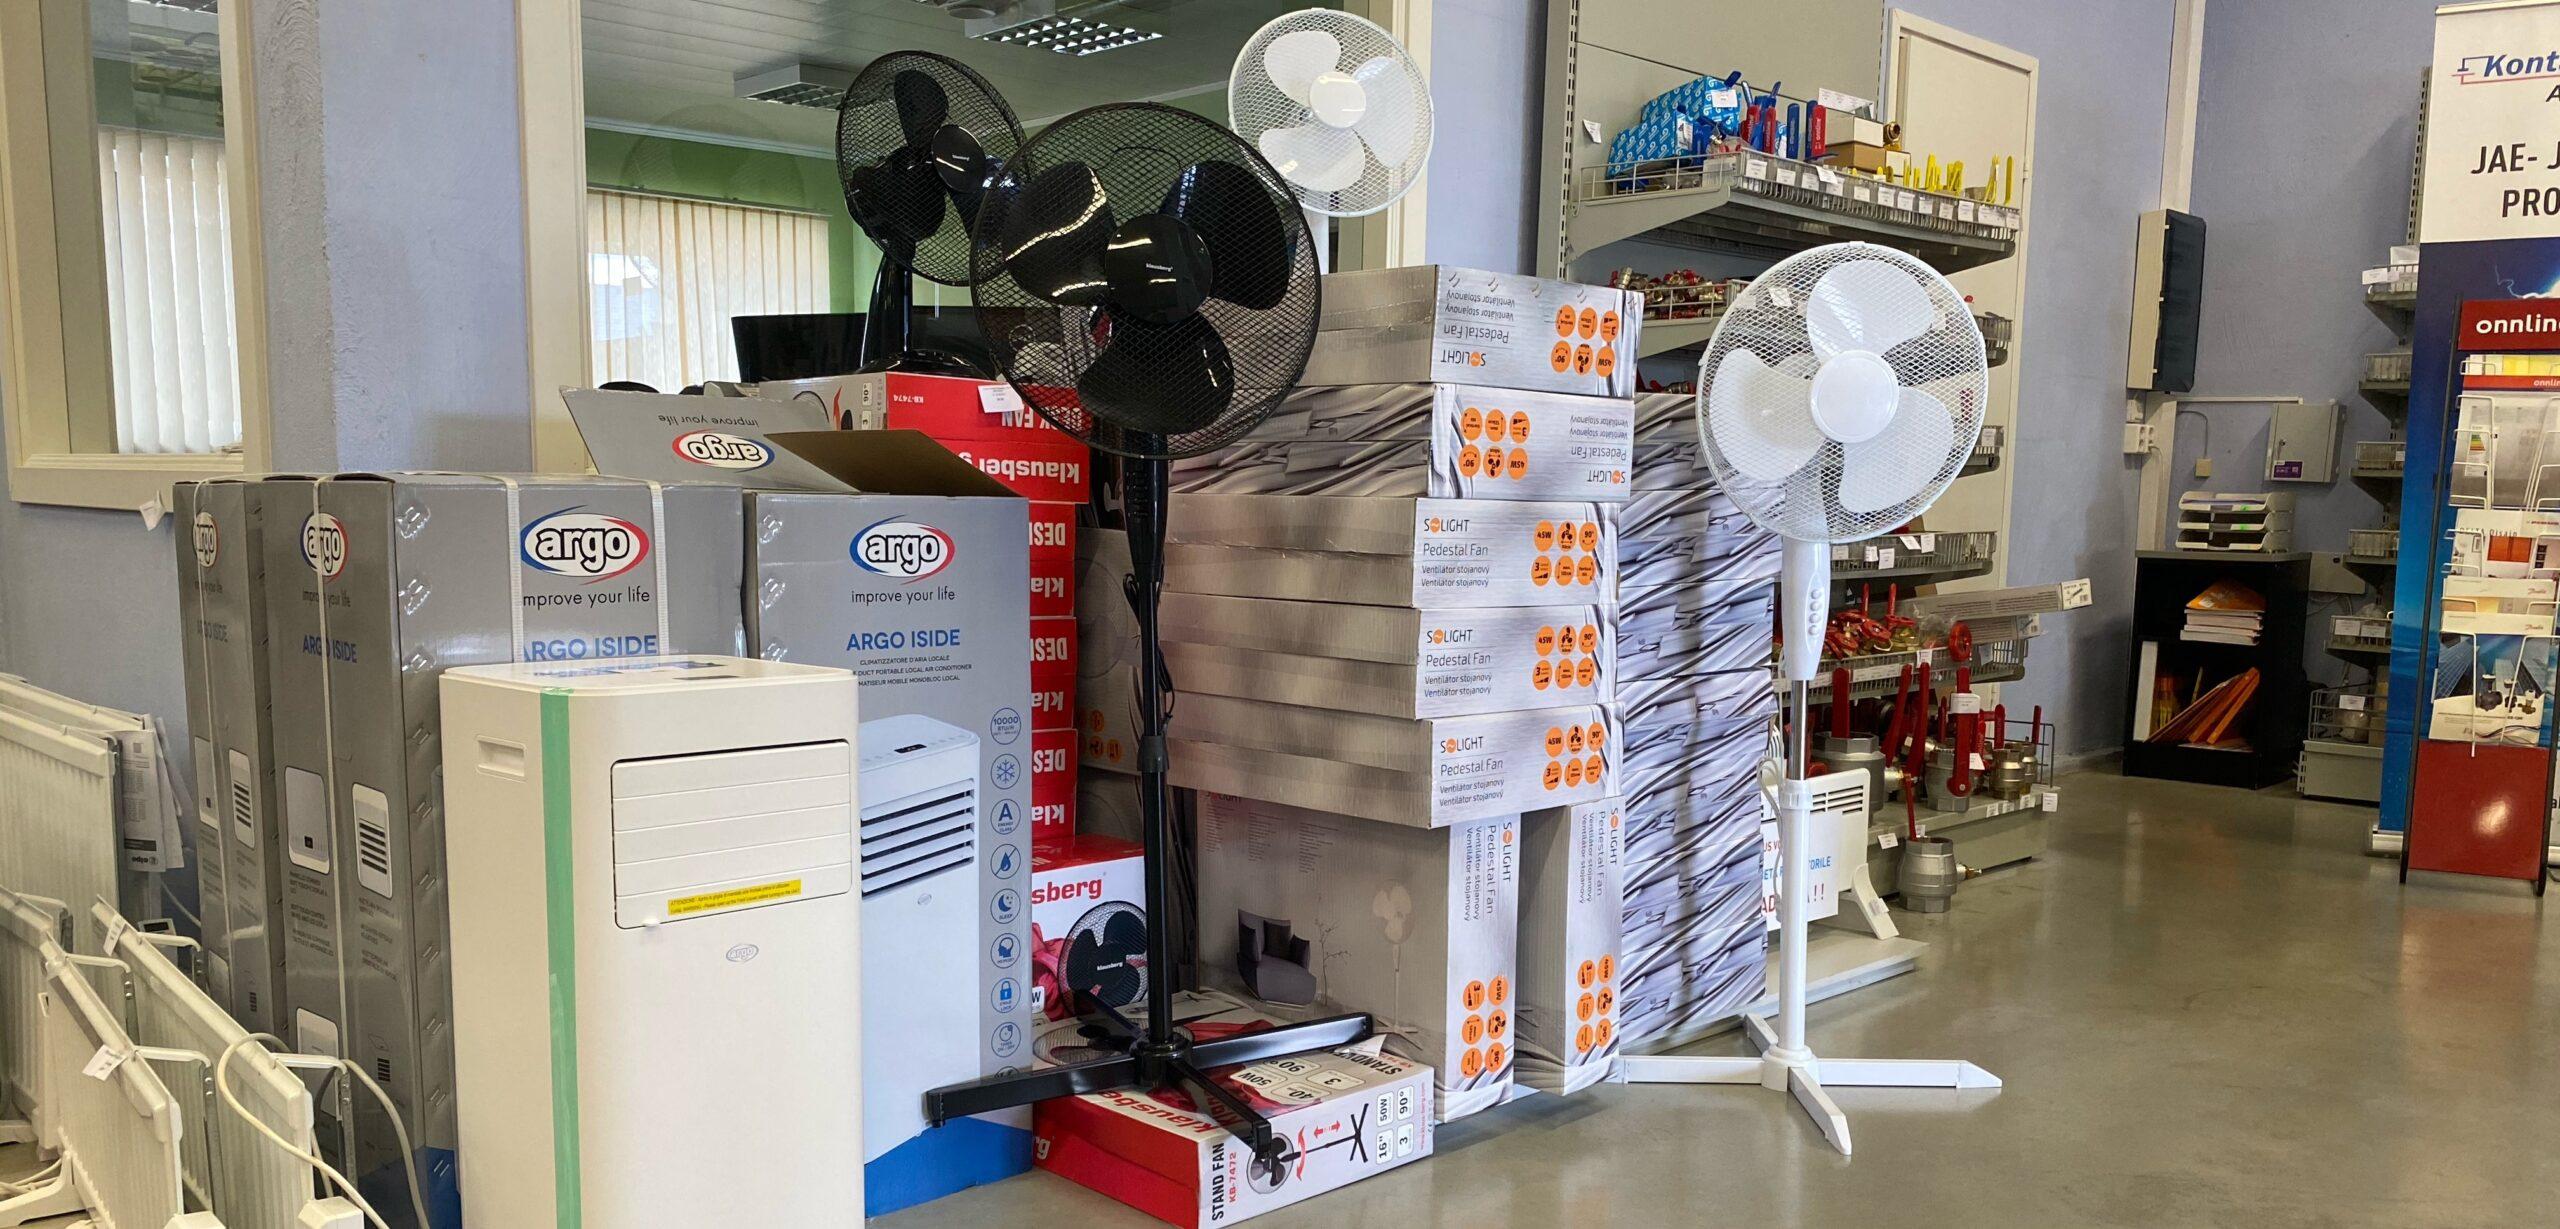 ventilaatorid ja konditsioneerid